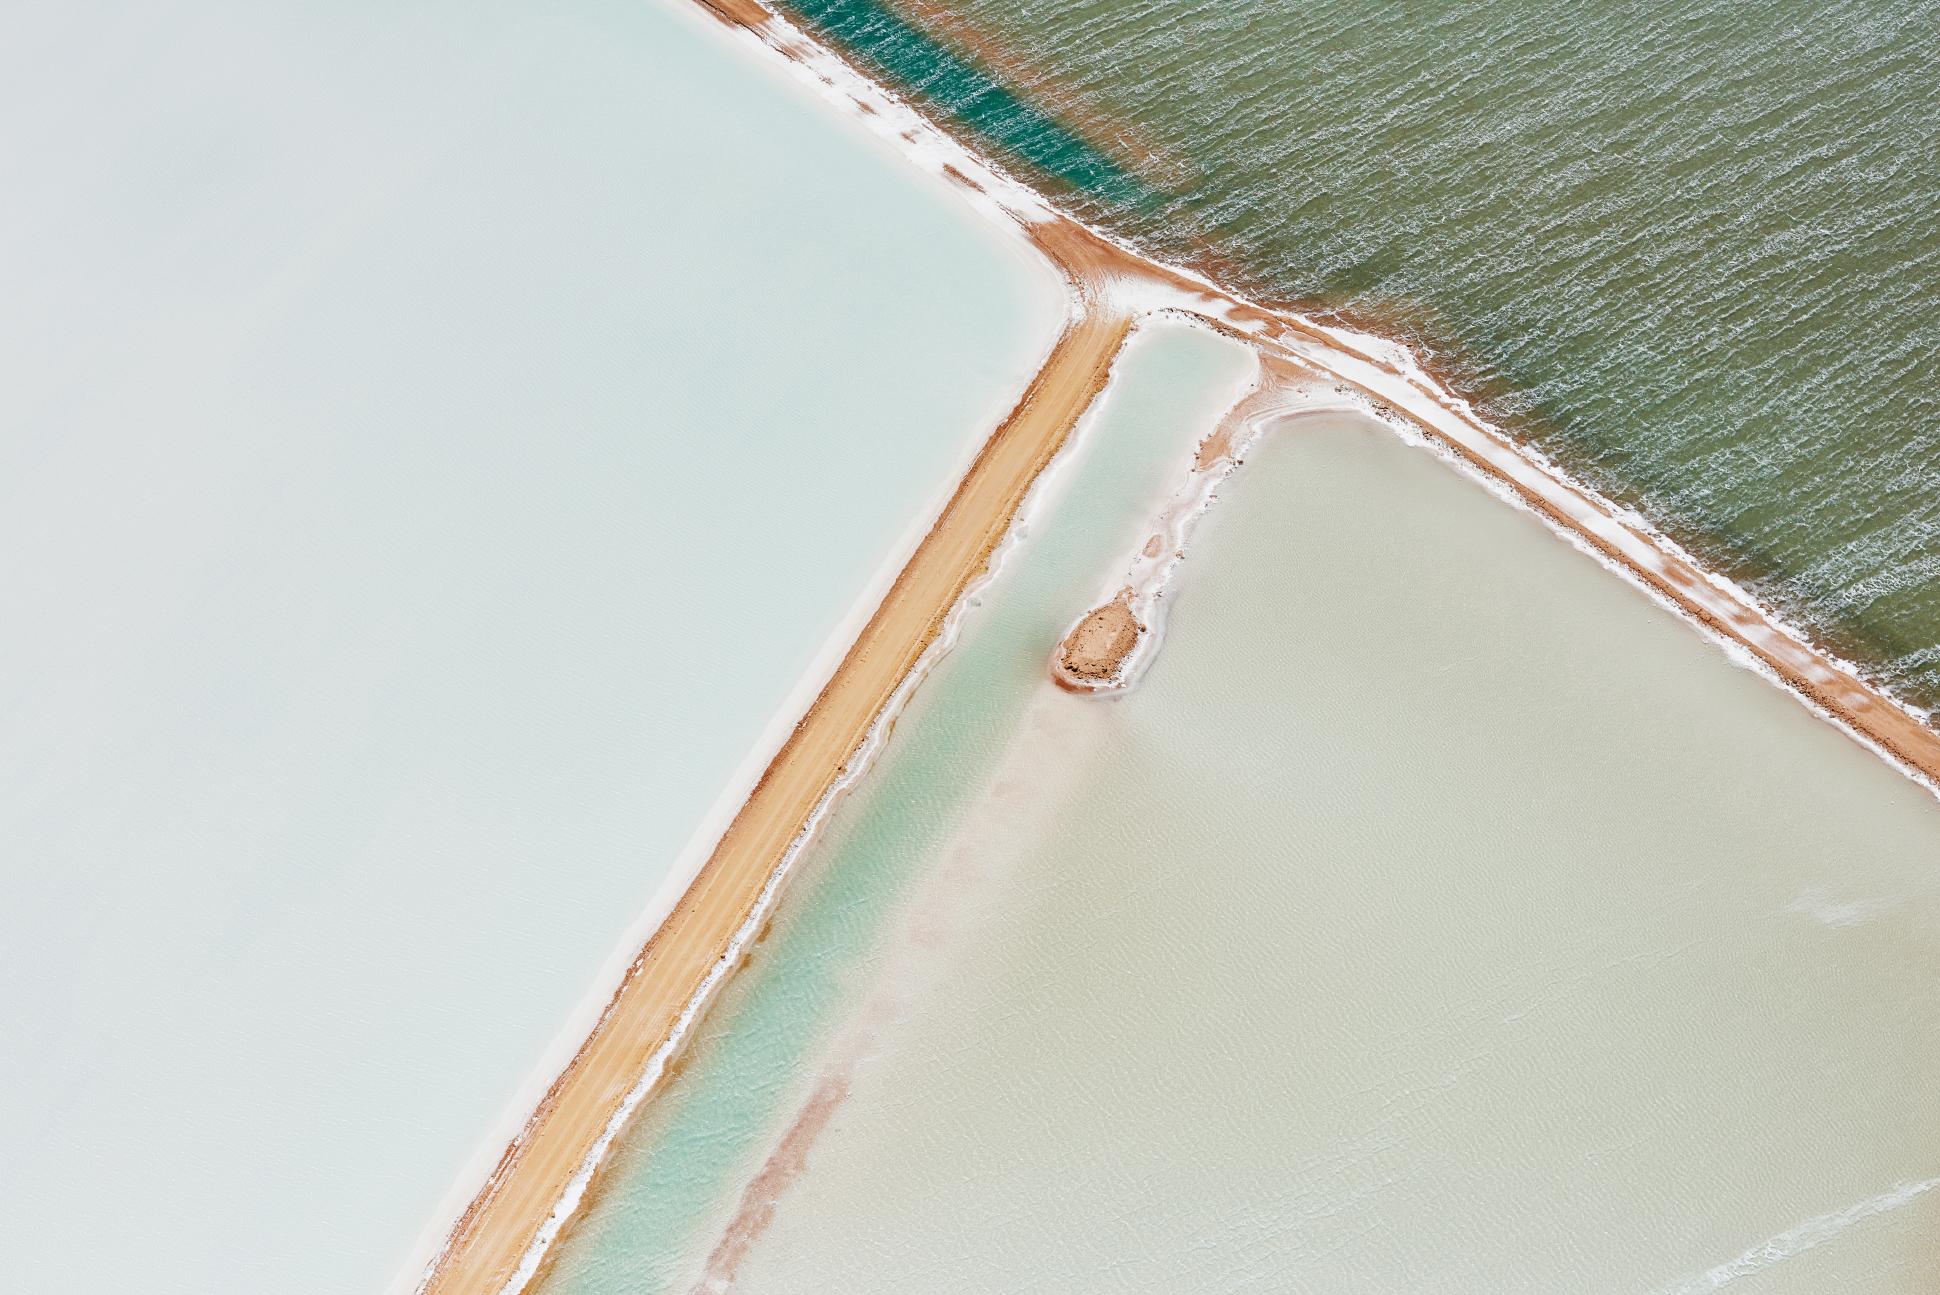 Salt and Sky, i paesaggi concettuali della fotografa Brooke Holm | Collater.al